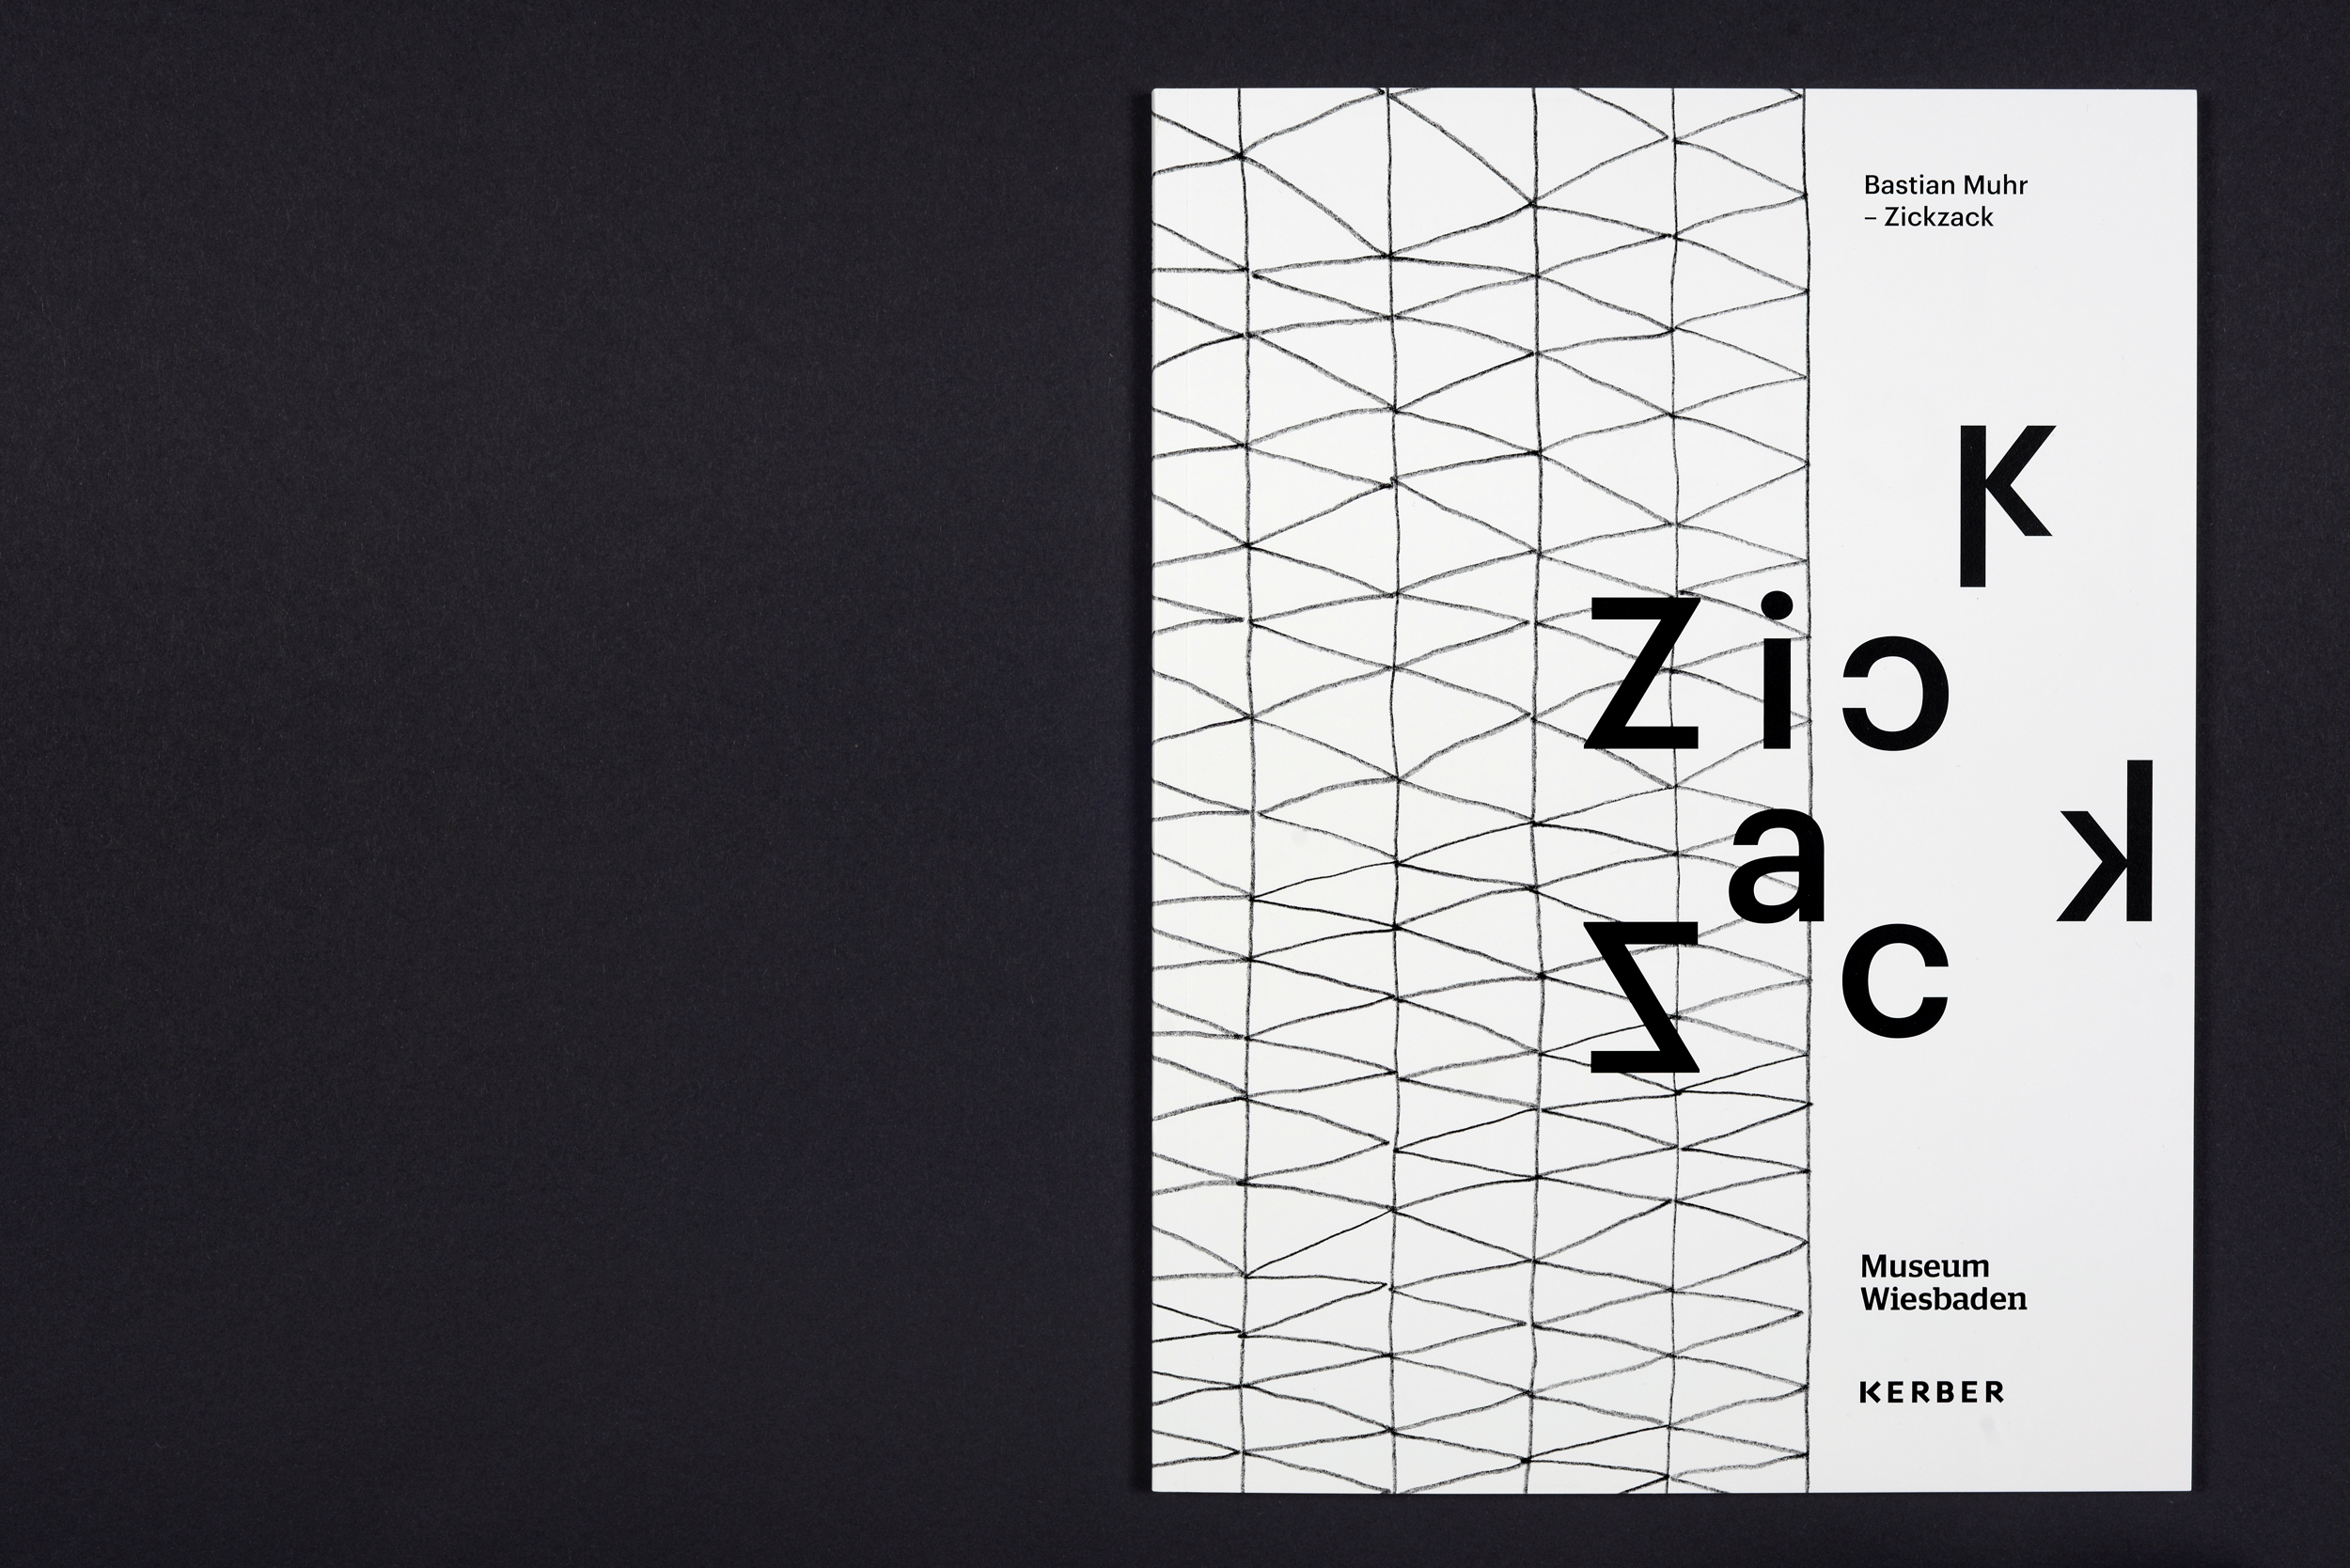 Zickzack: Cover